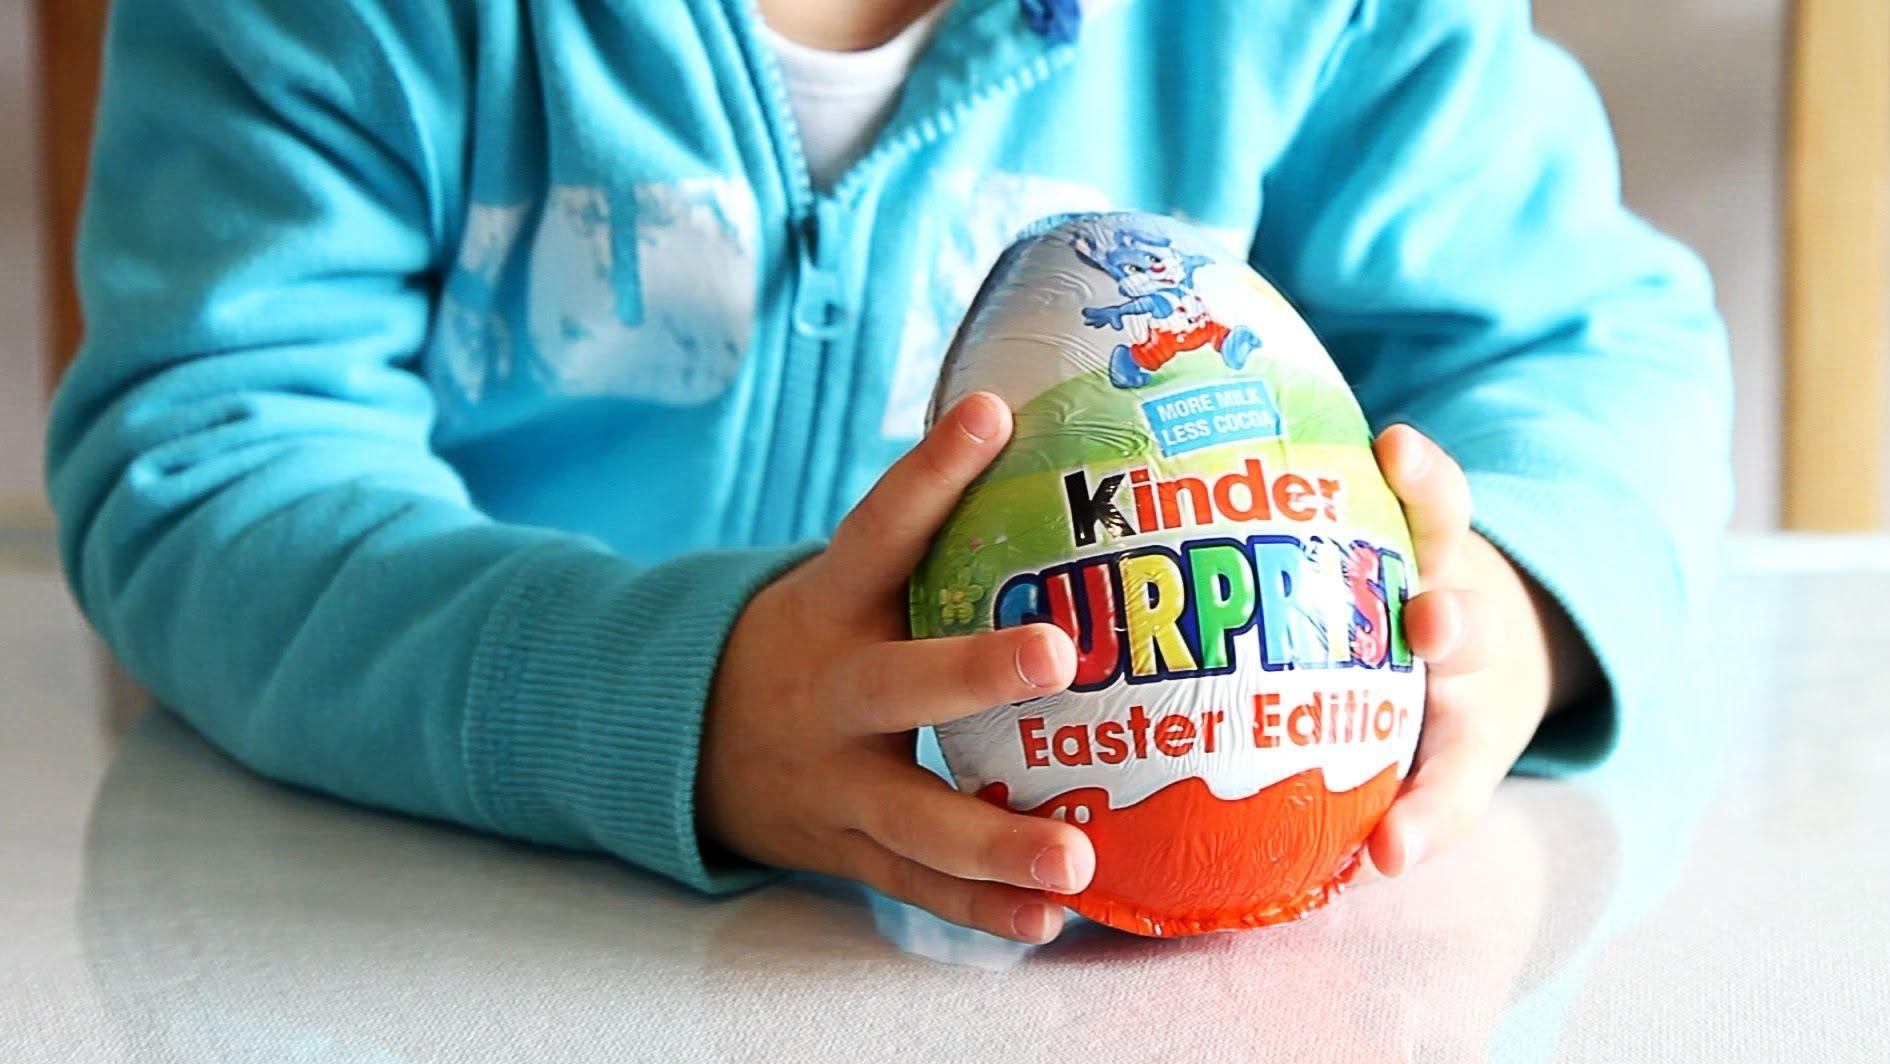 Giant kinder surprise eggs | giant kinder surprise egg, kinder.